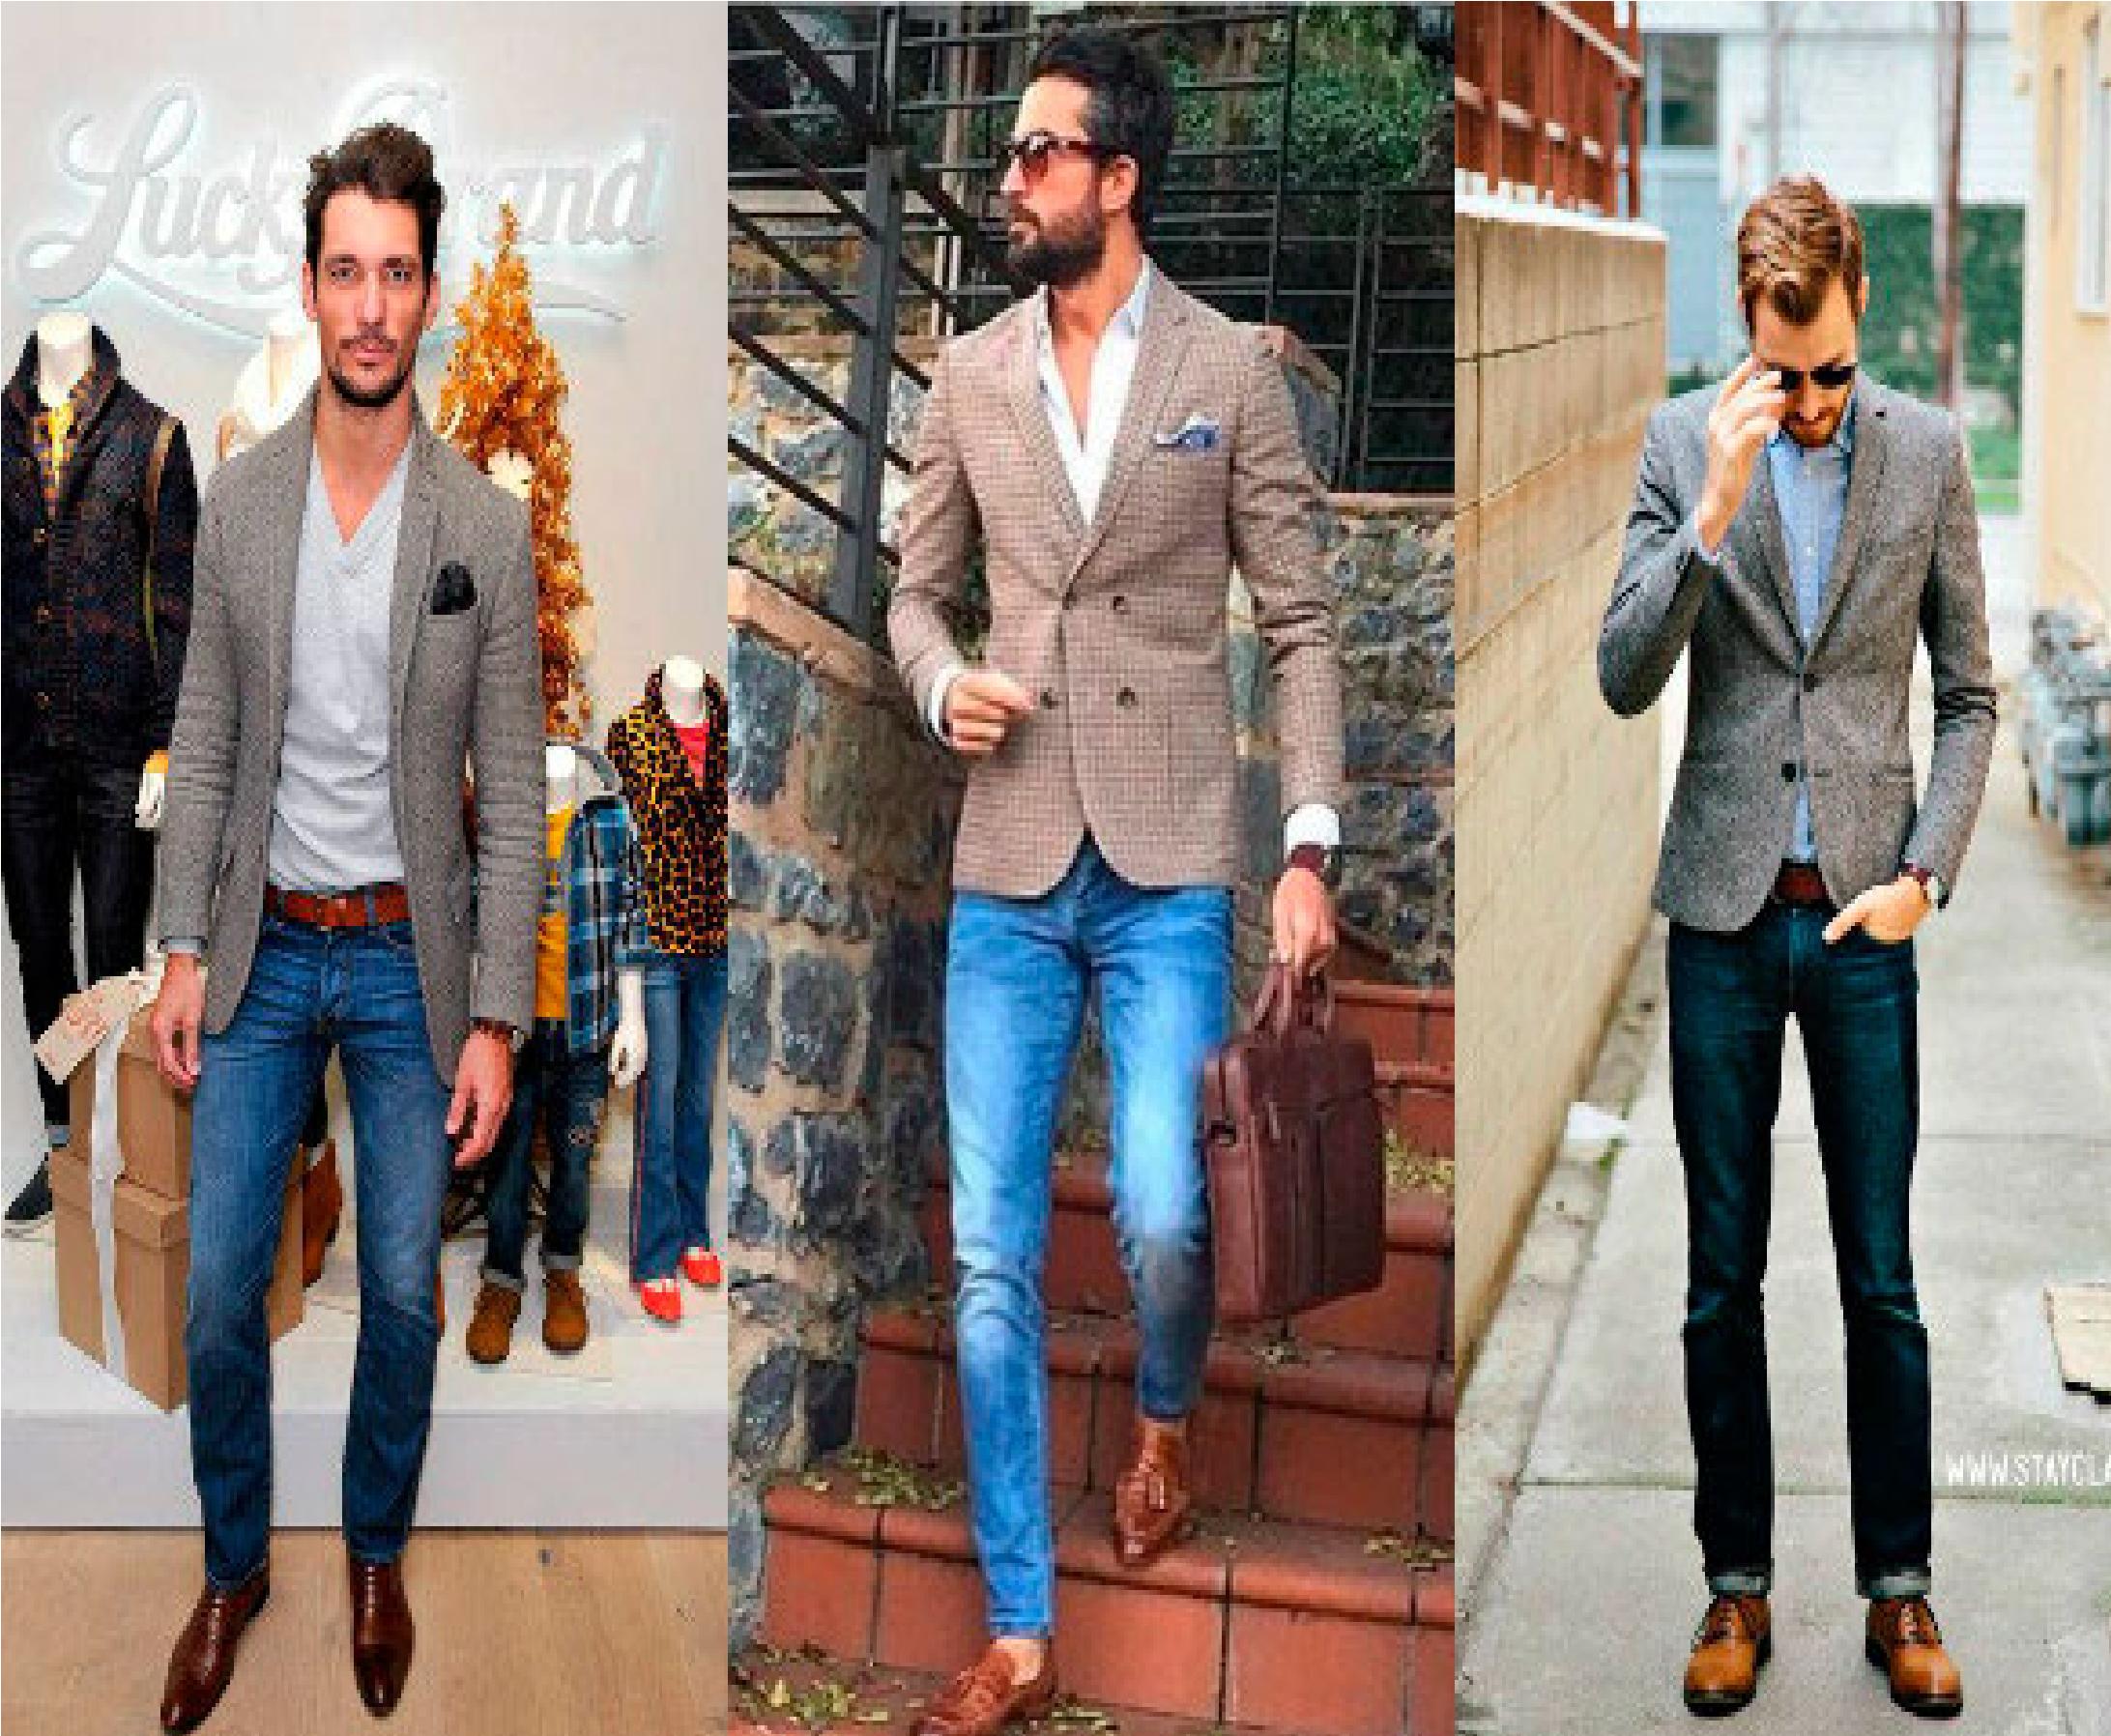 Sugerencias Para Vestir De Forma Casual Hombres Y Dentro